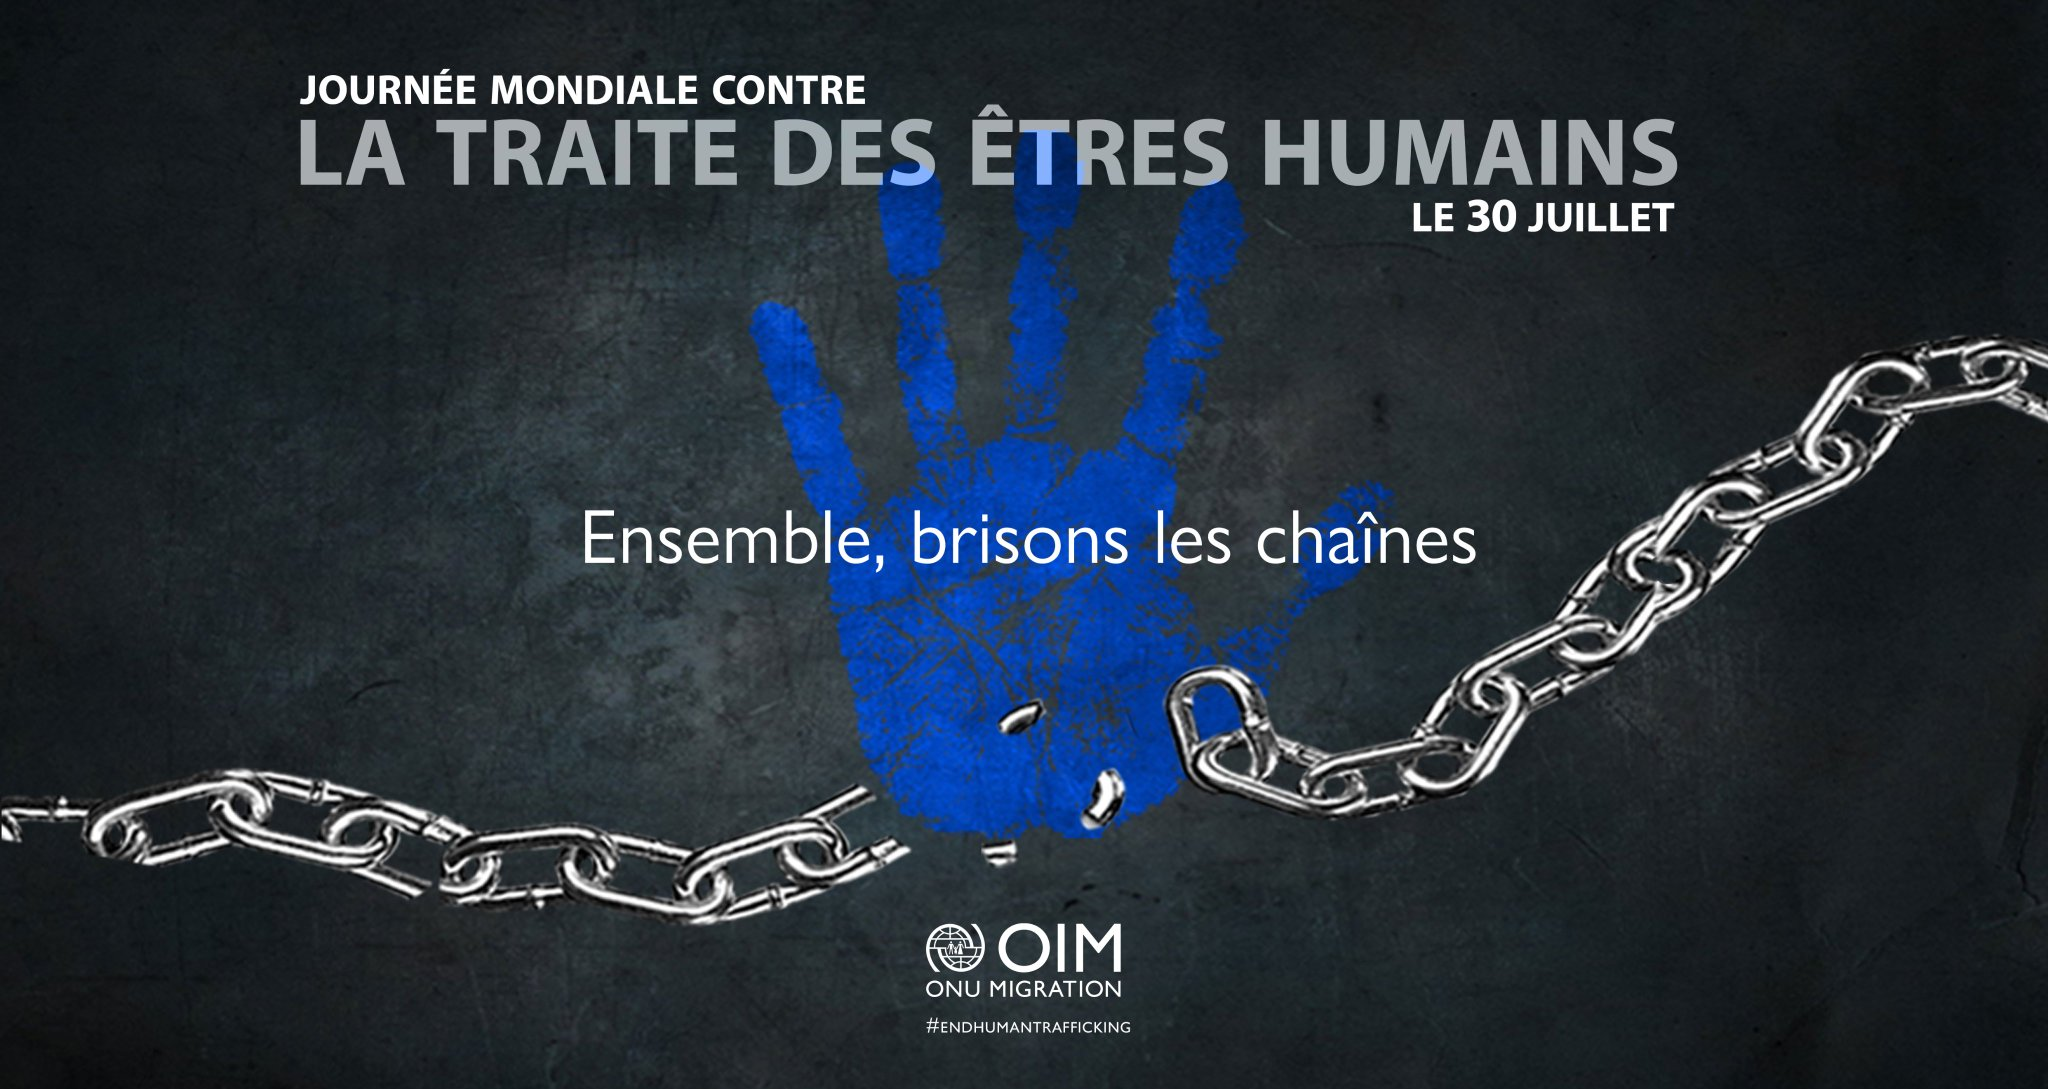 """OIM Mali on Twitter: """"Aujourd'hui, 30 juillet 2020, c'est la Journée  mondiale contre la traite des êtres humains. Ensemble, brisons les chaînes.  #EndHumanTrafficking… https://t.co/wc0RW1qoq6"""""""